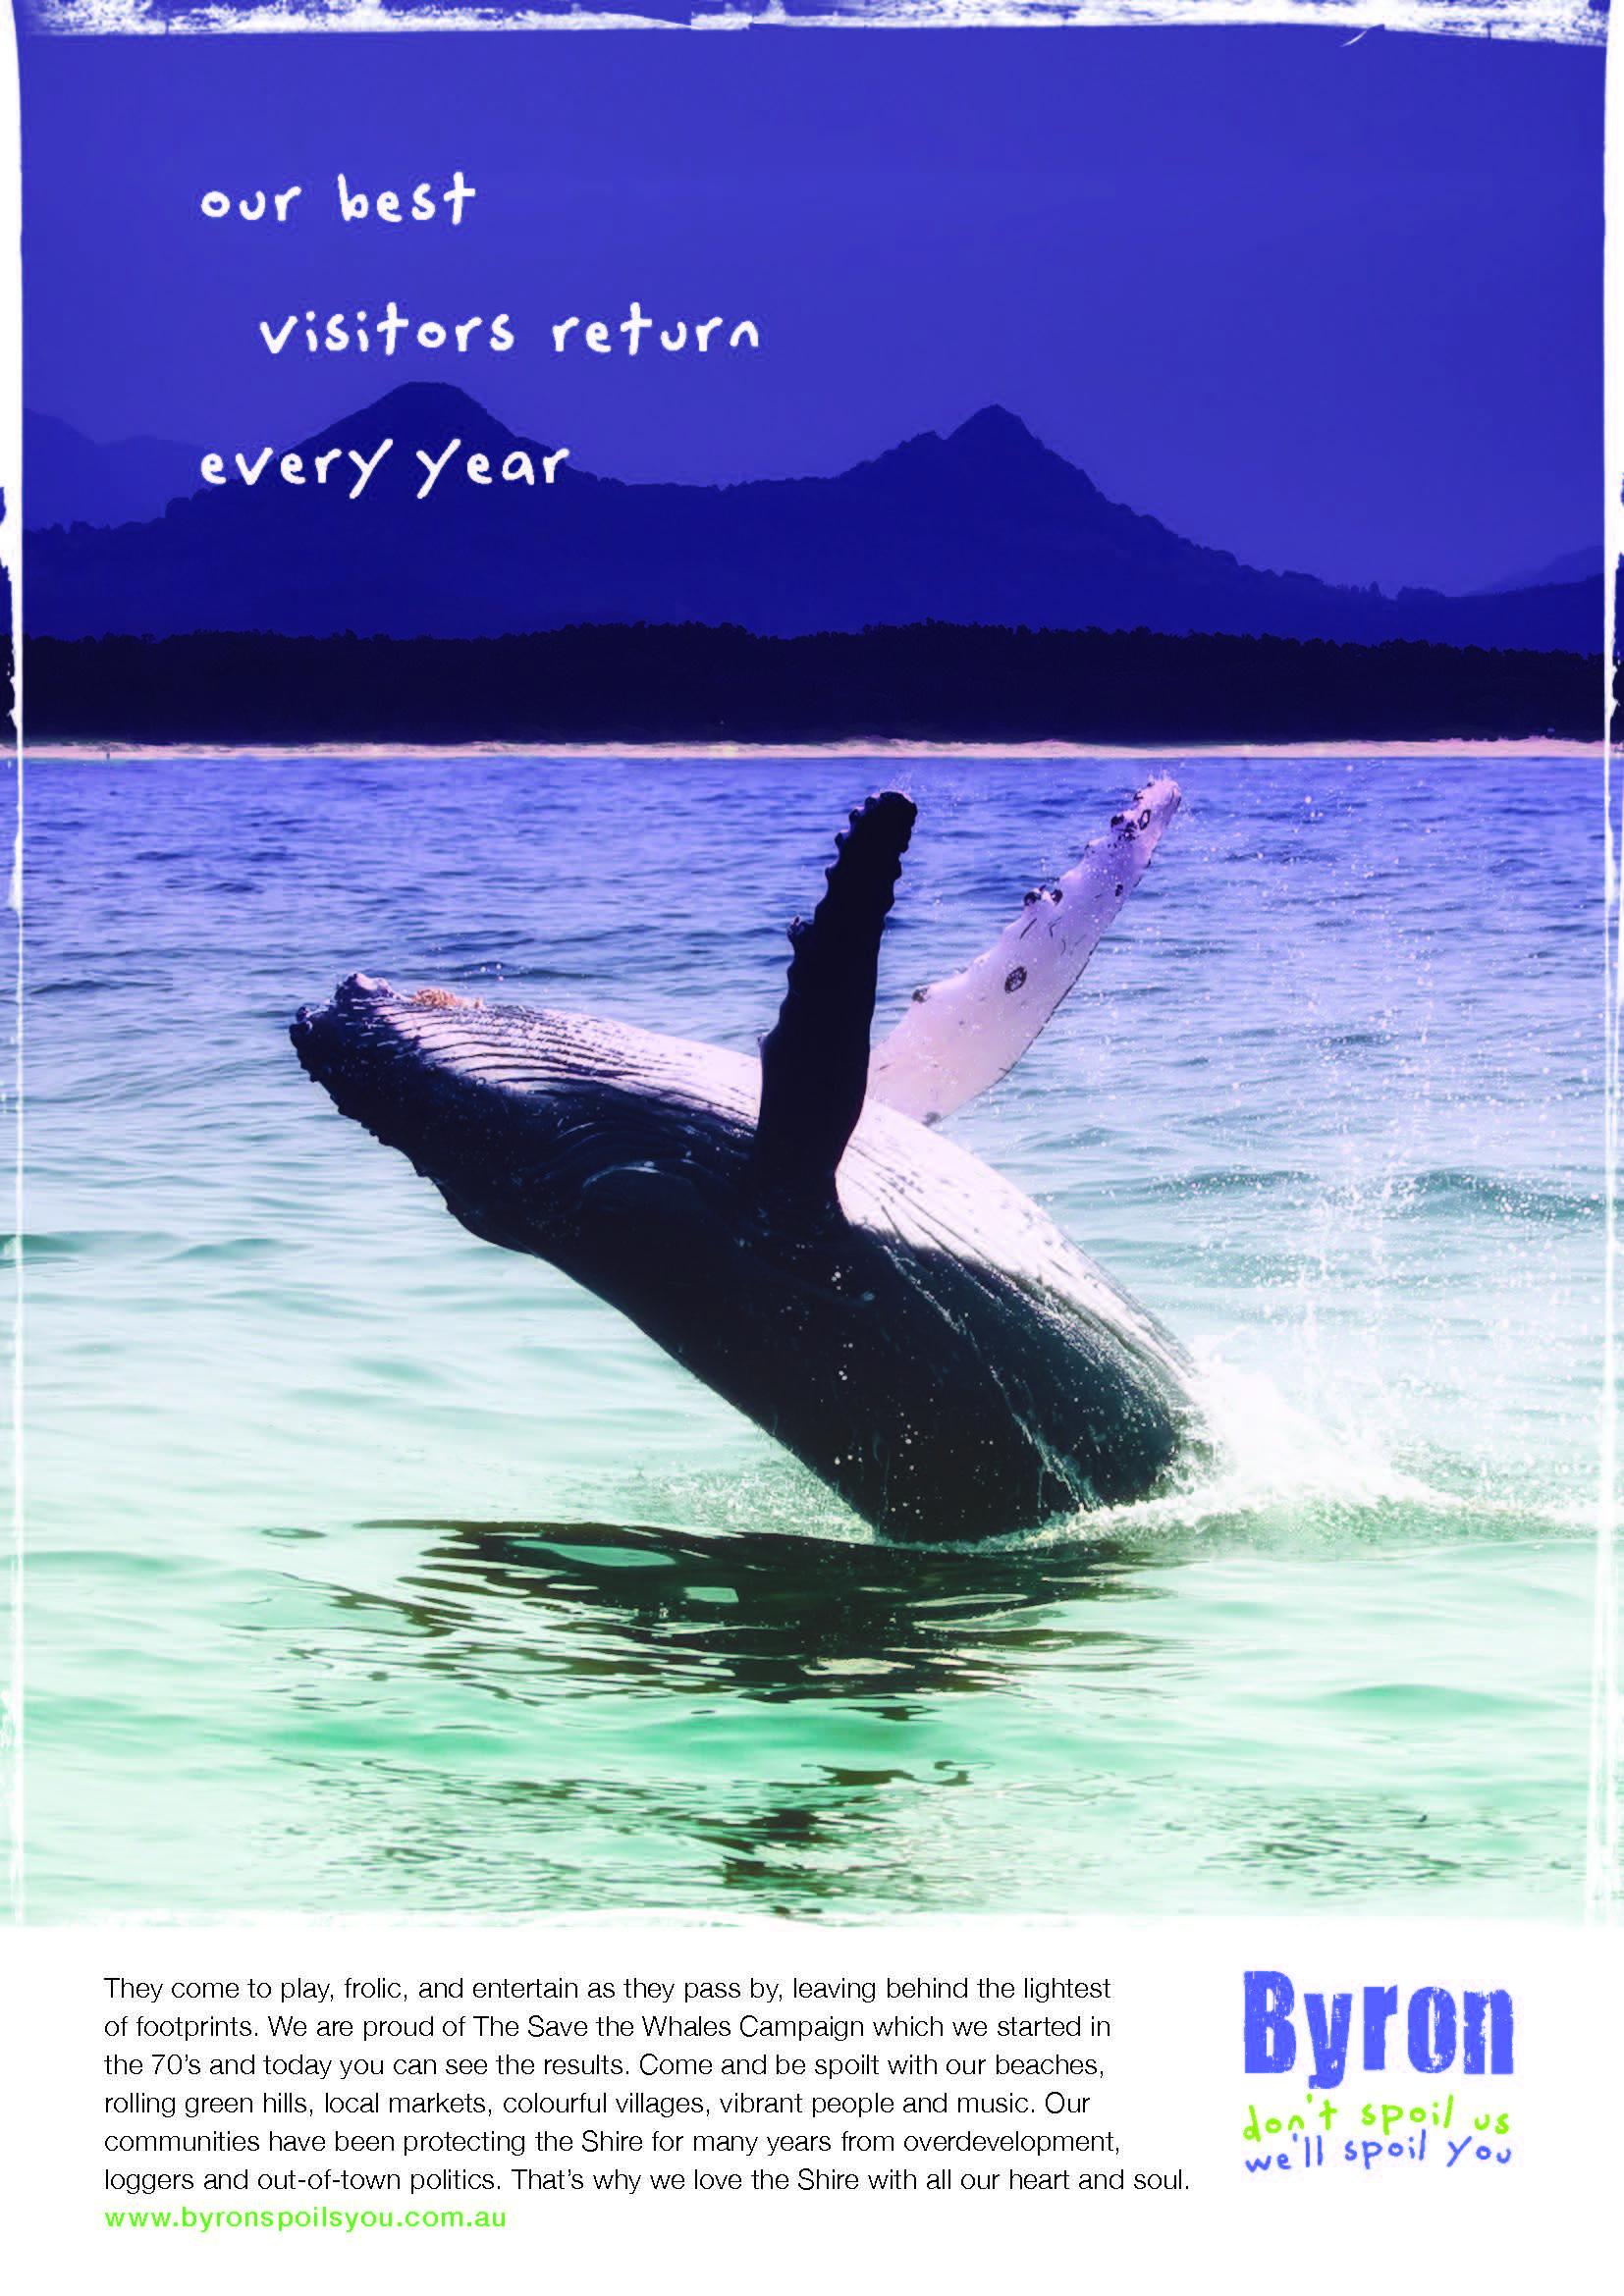 Byron whale